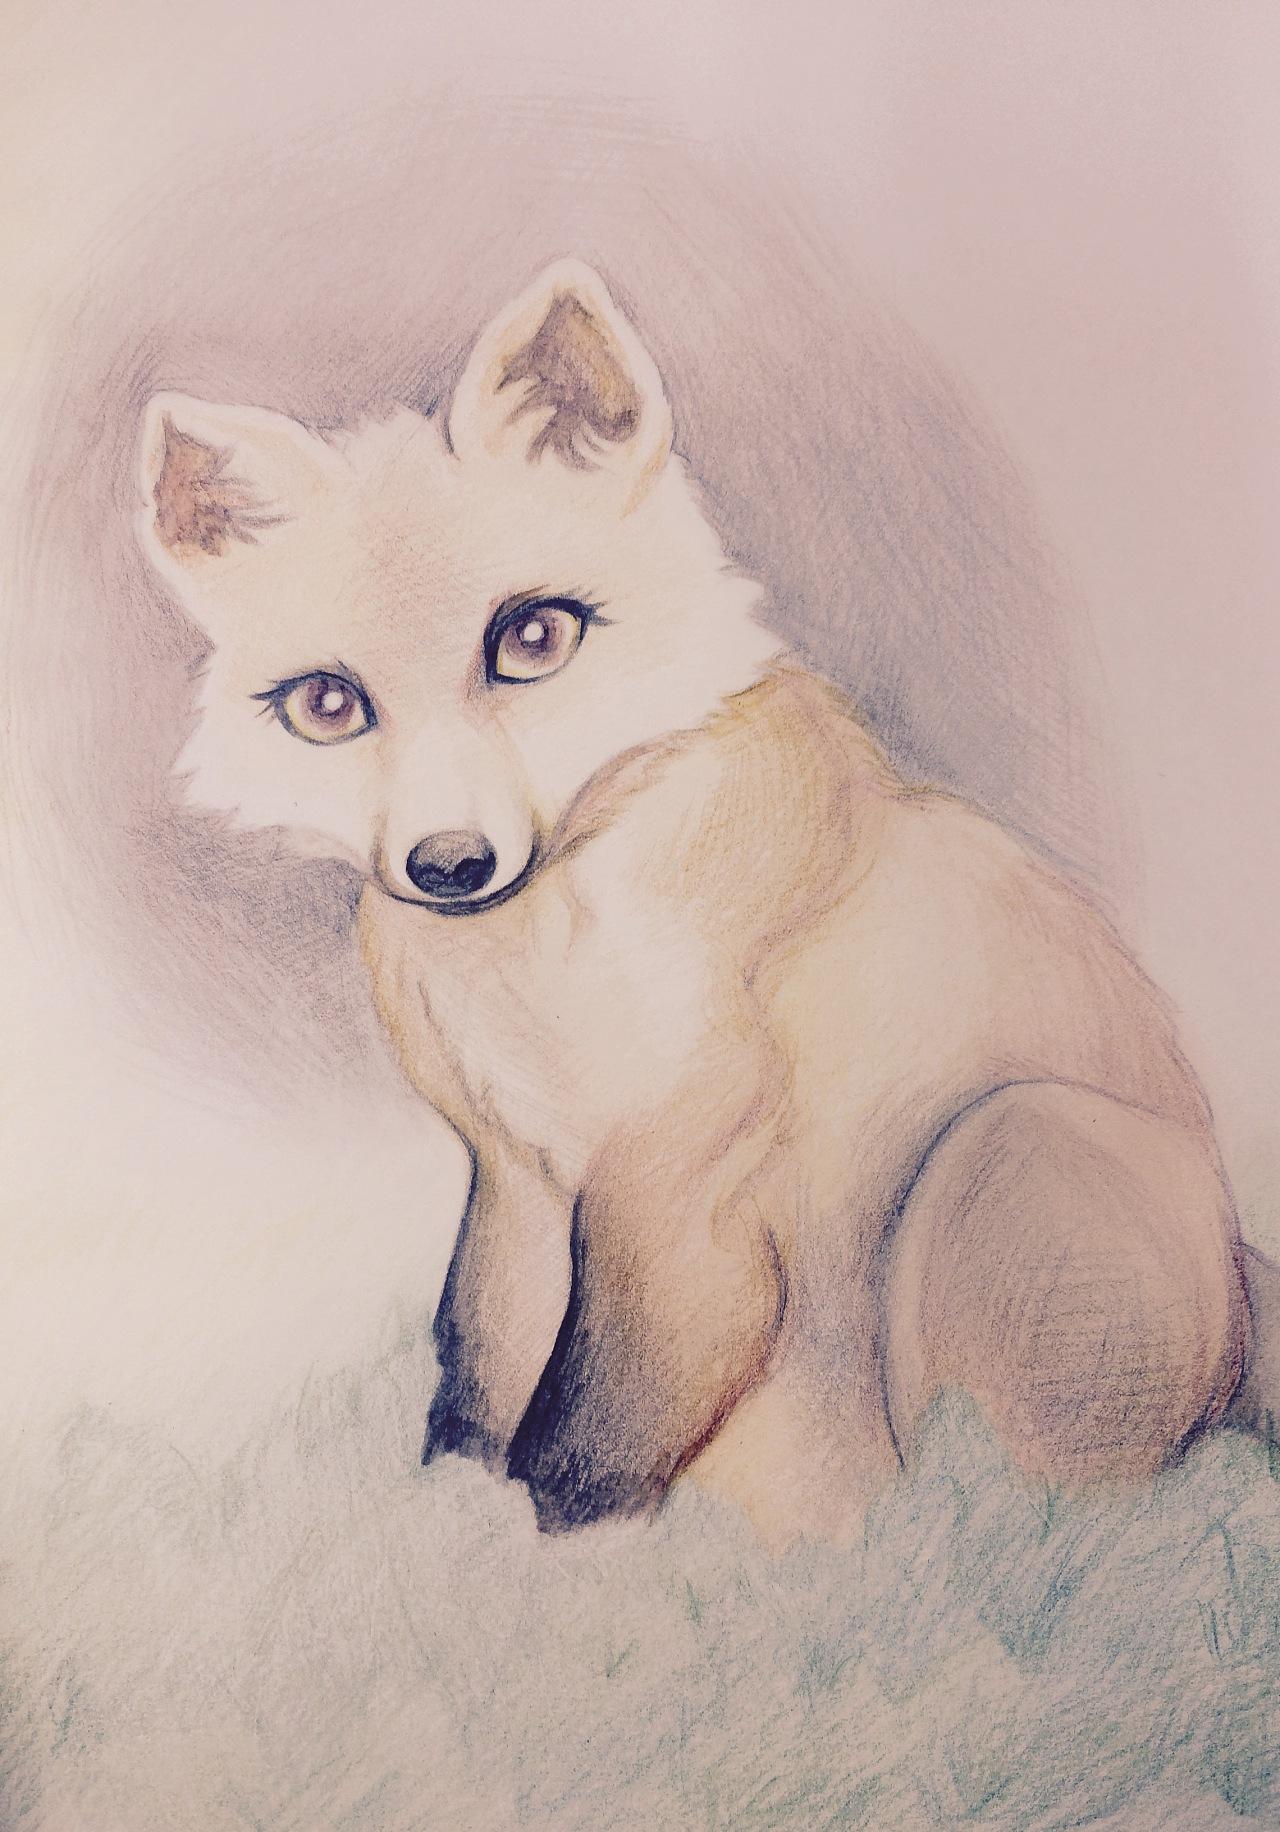 可爱的狐狸 彩铅许久不用 练一下